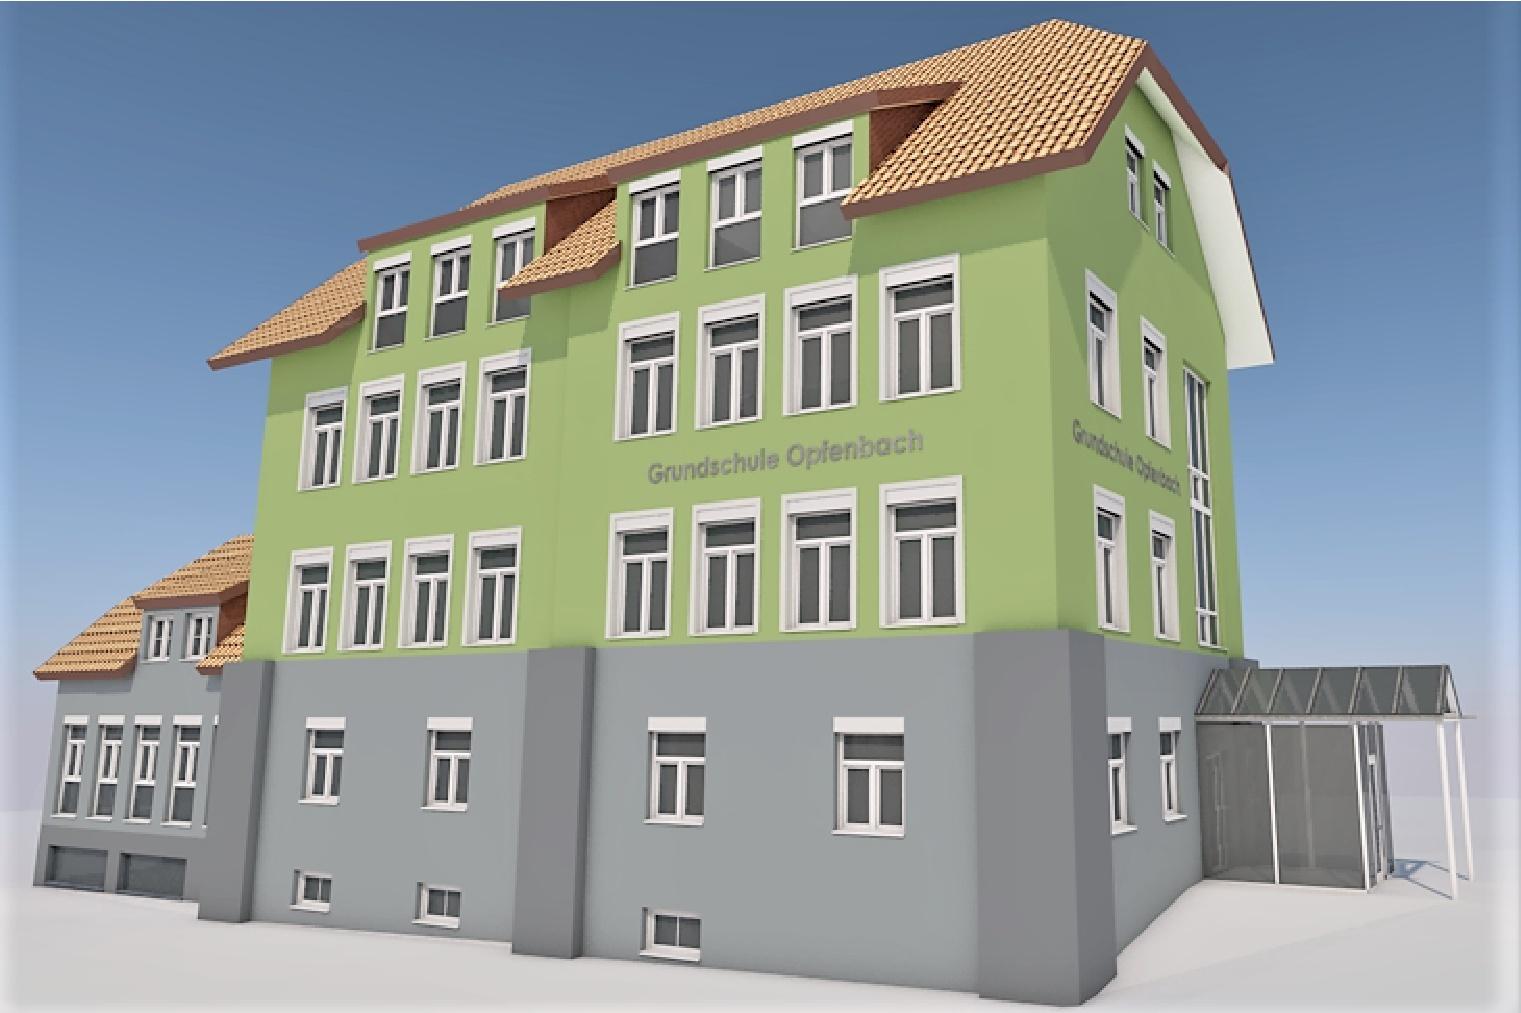 Energetische Sanierung Grundschule in Opfenbach - Farbkonzept